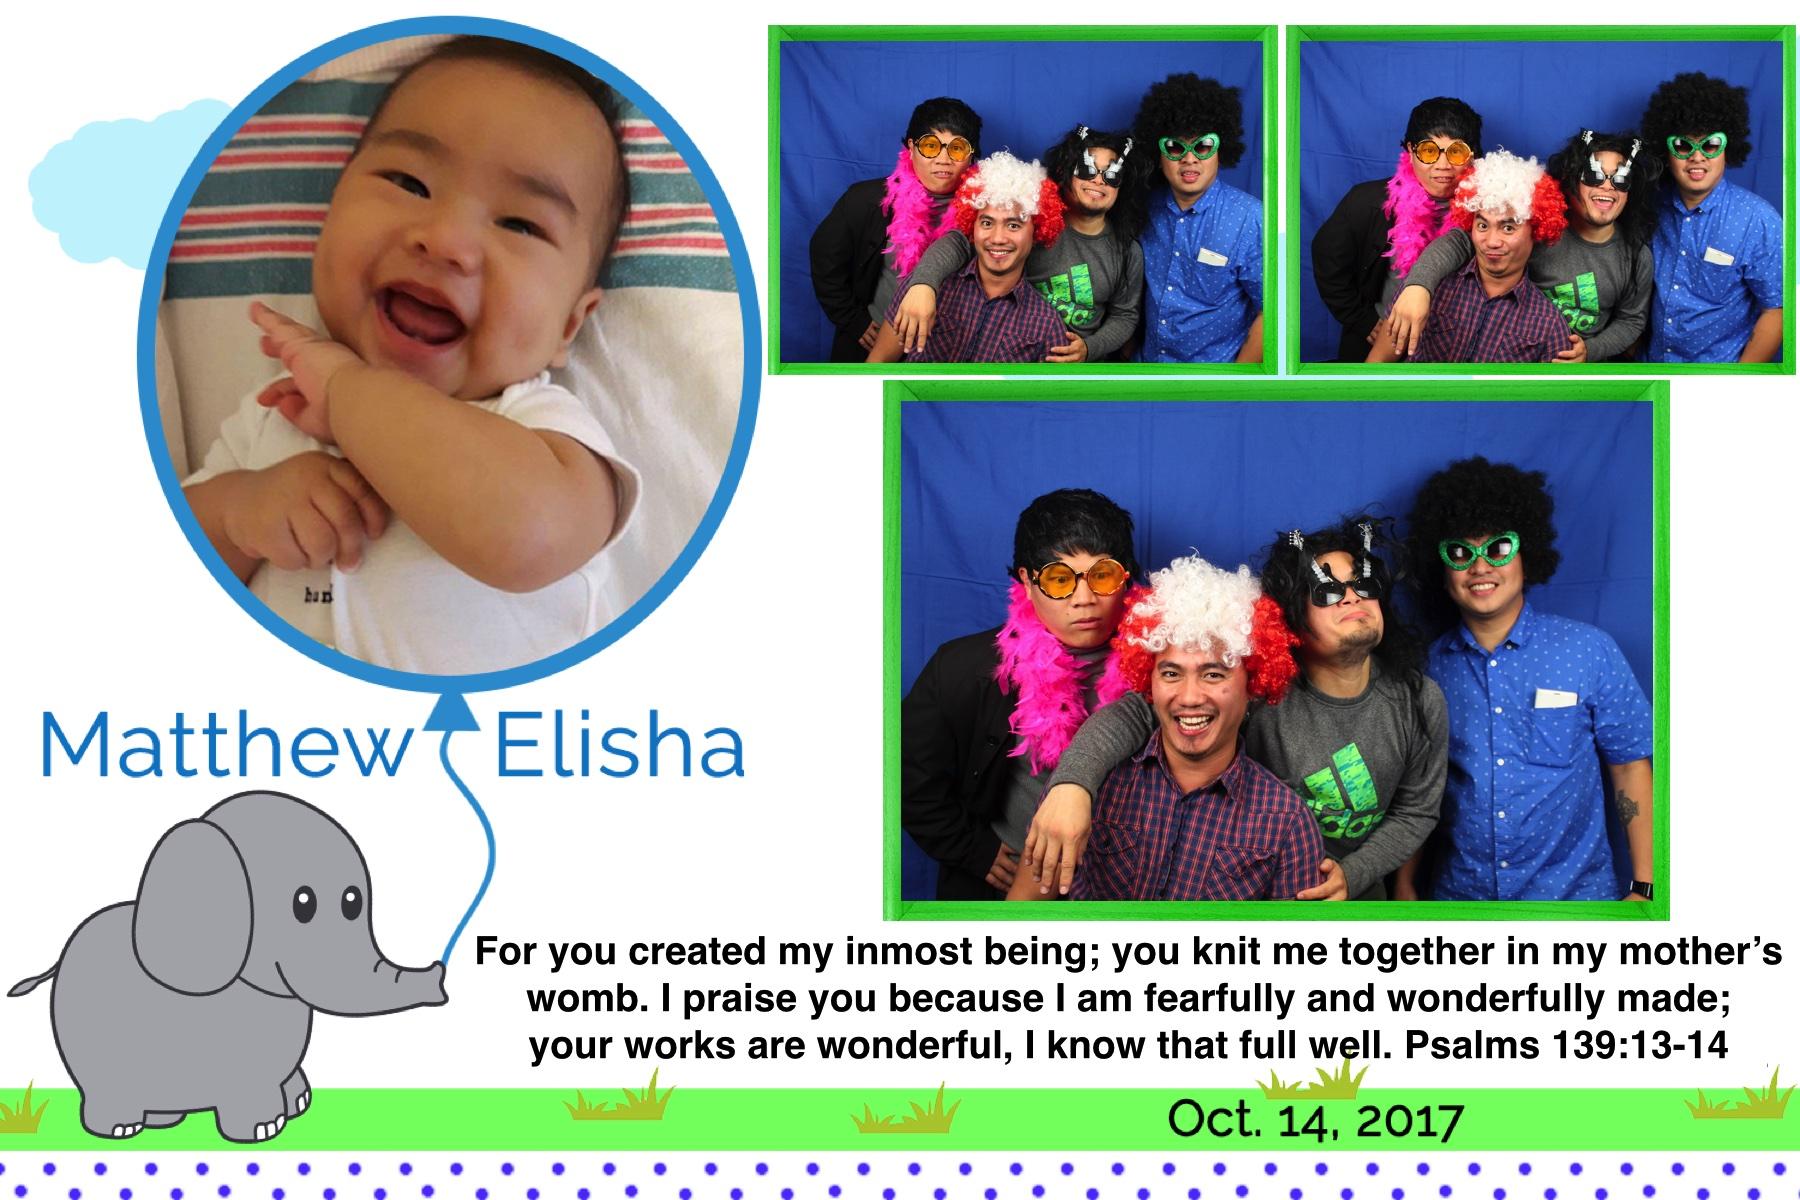 Matthew Elisha's Dedication